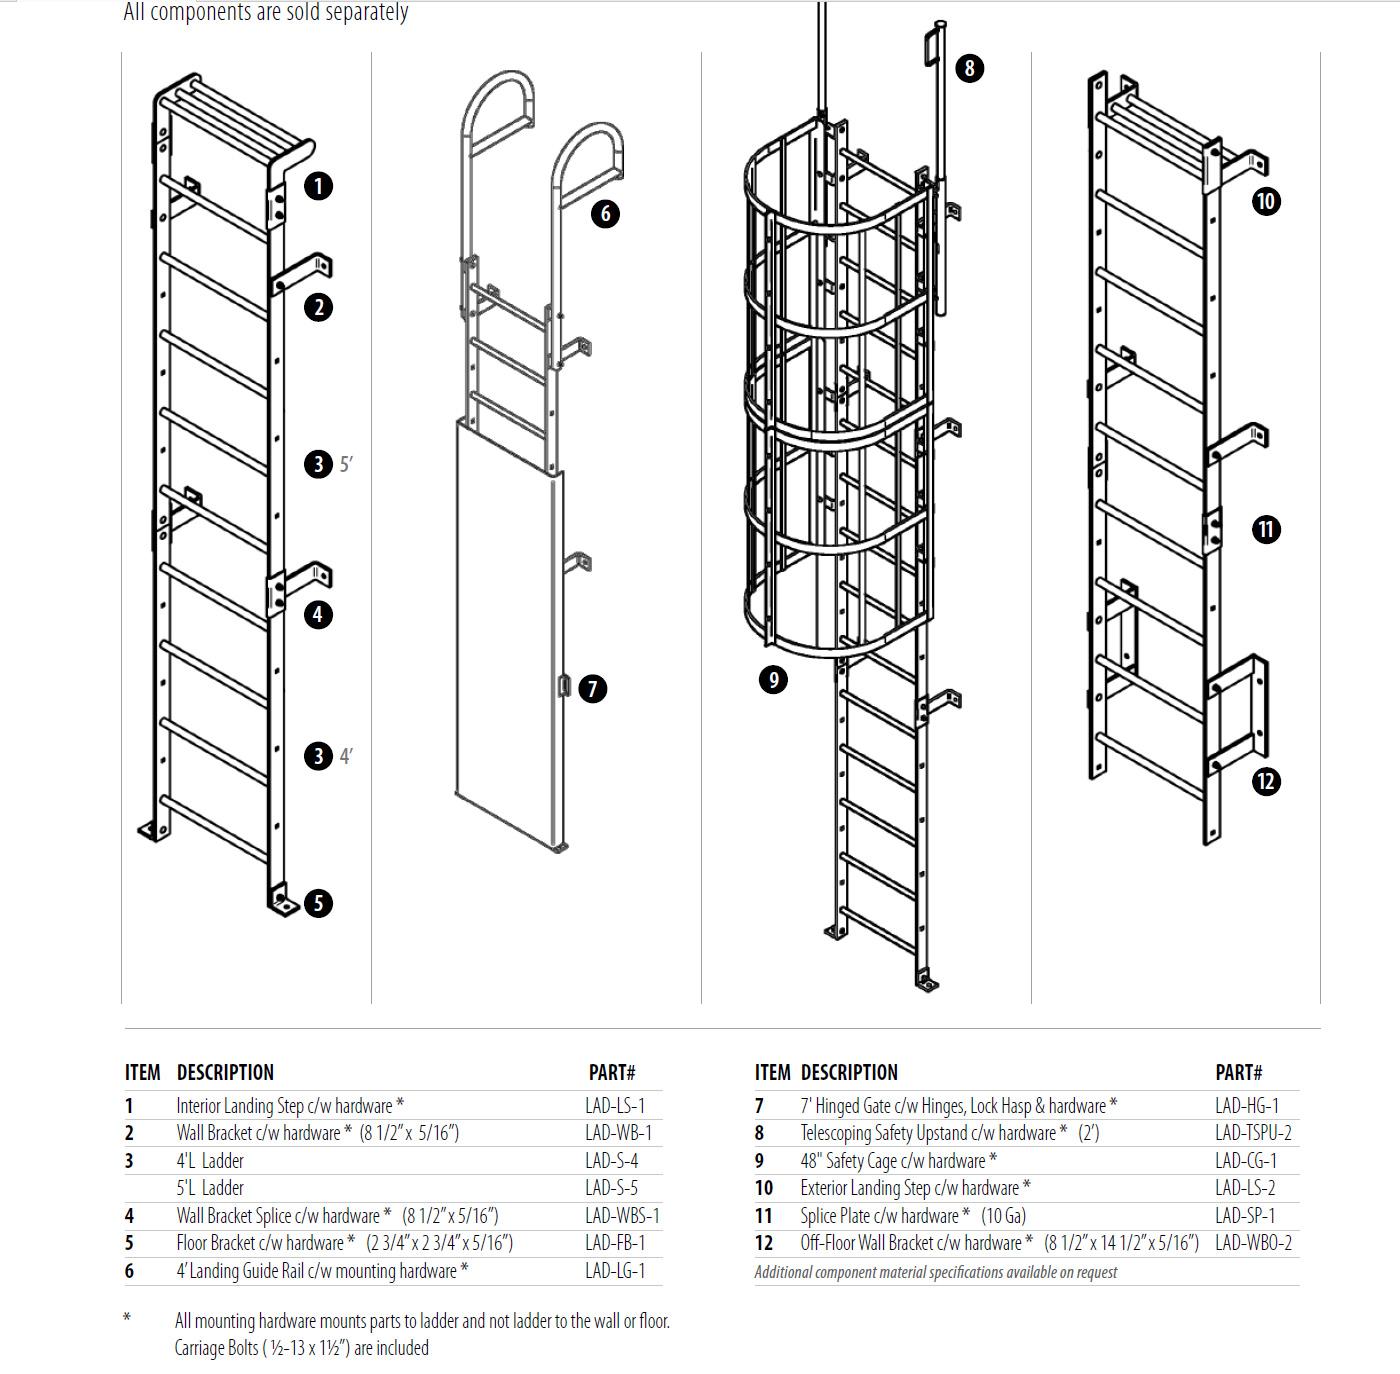 Ladder Parts Description